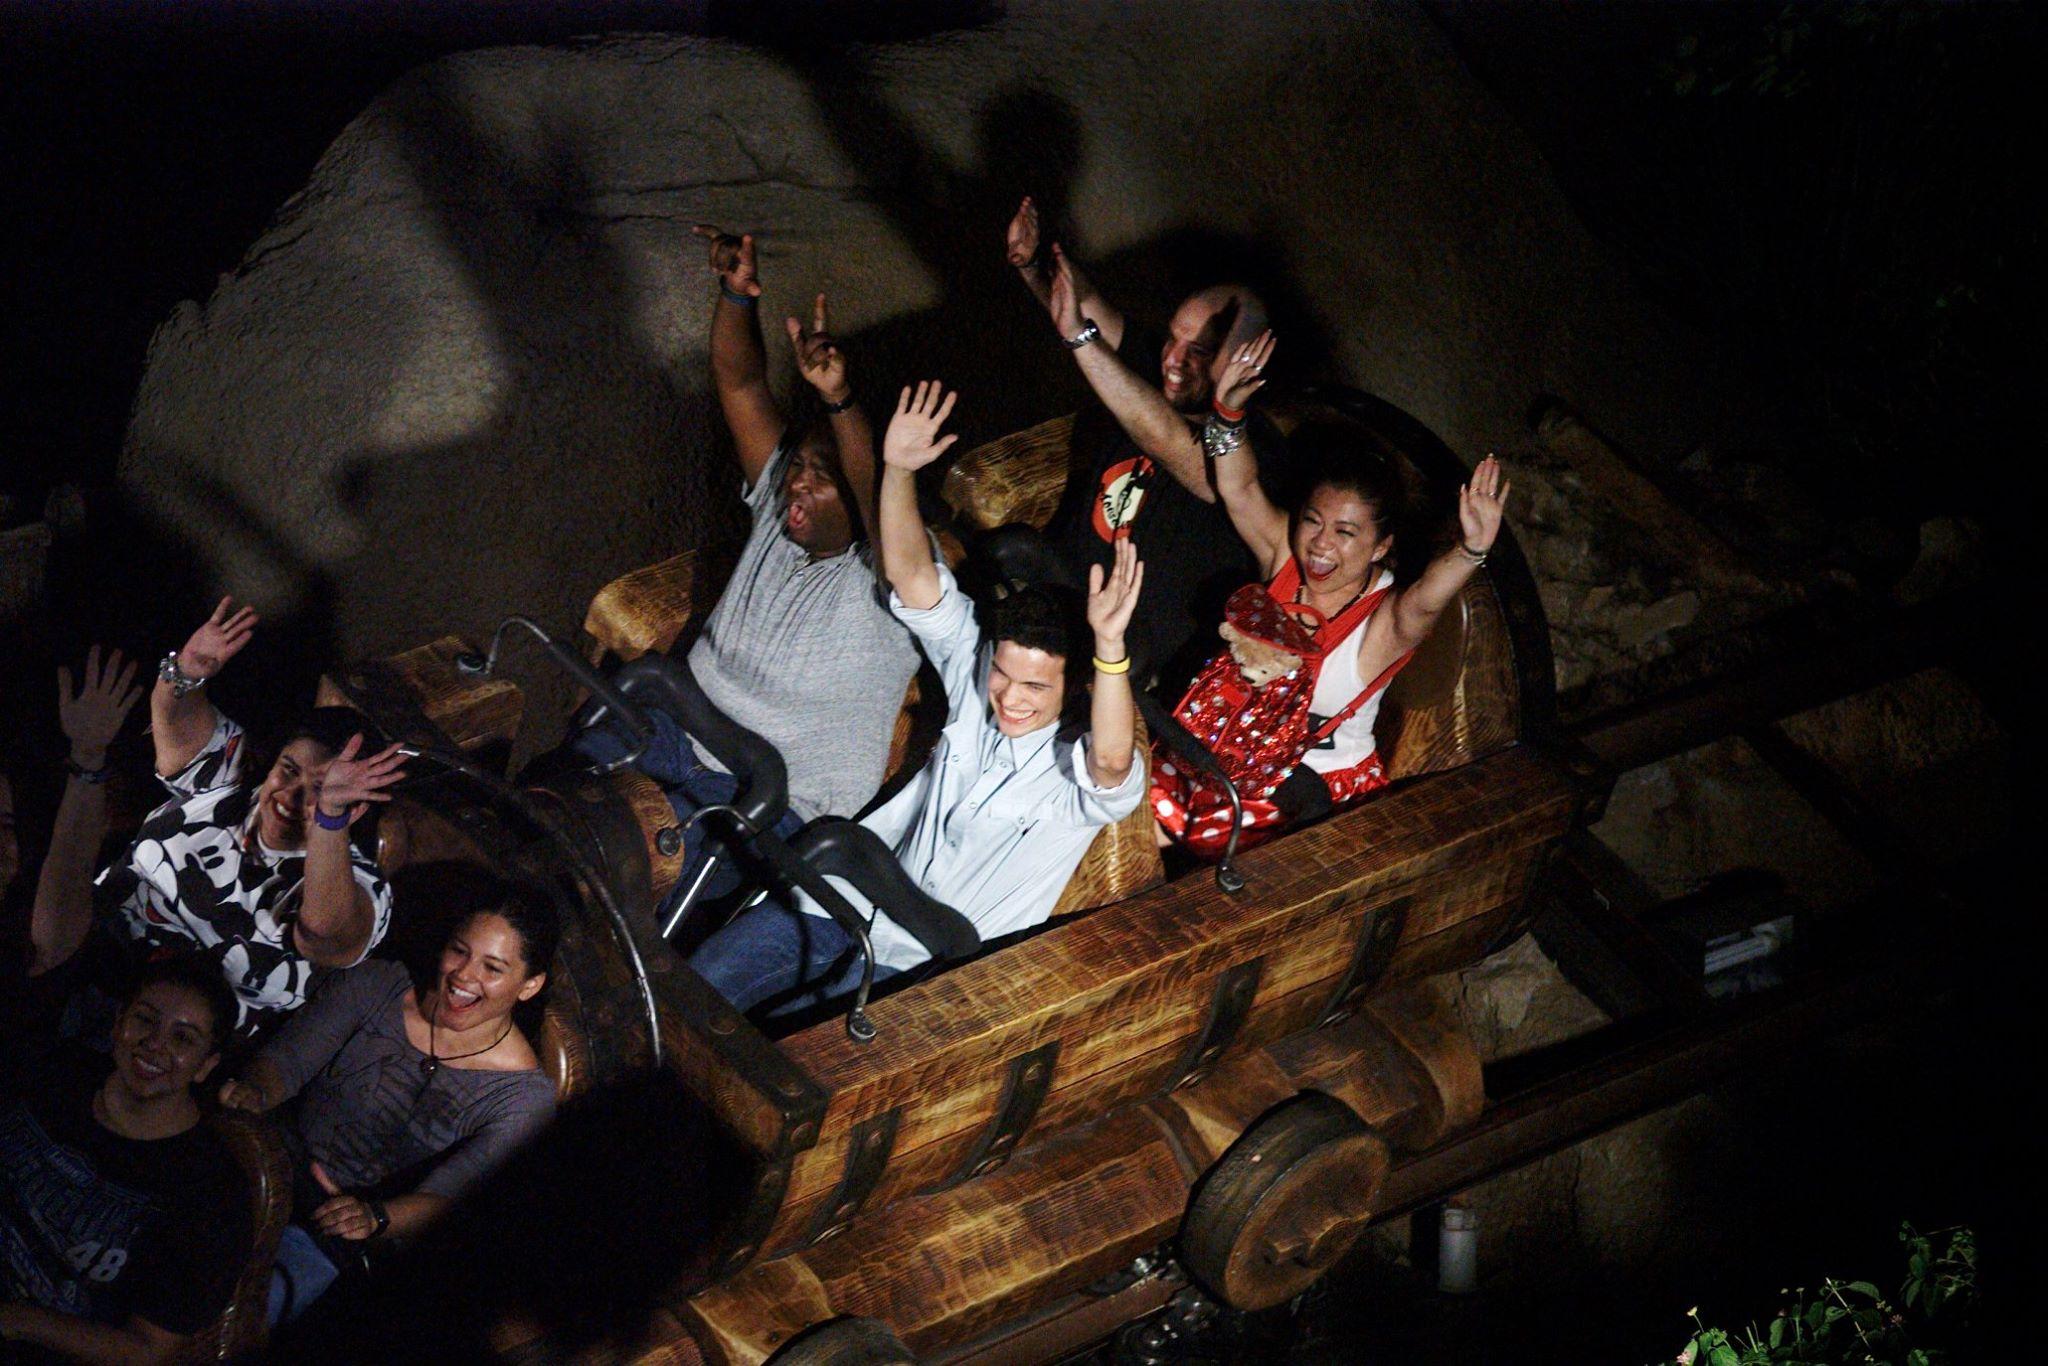 seven dwarfs mine train night risa xu